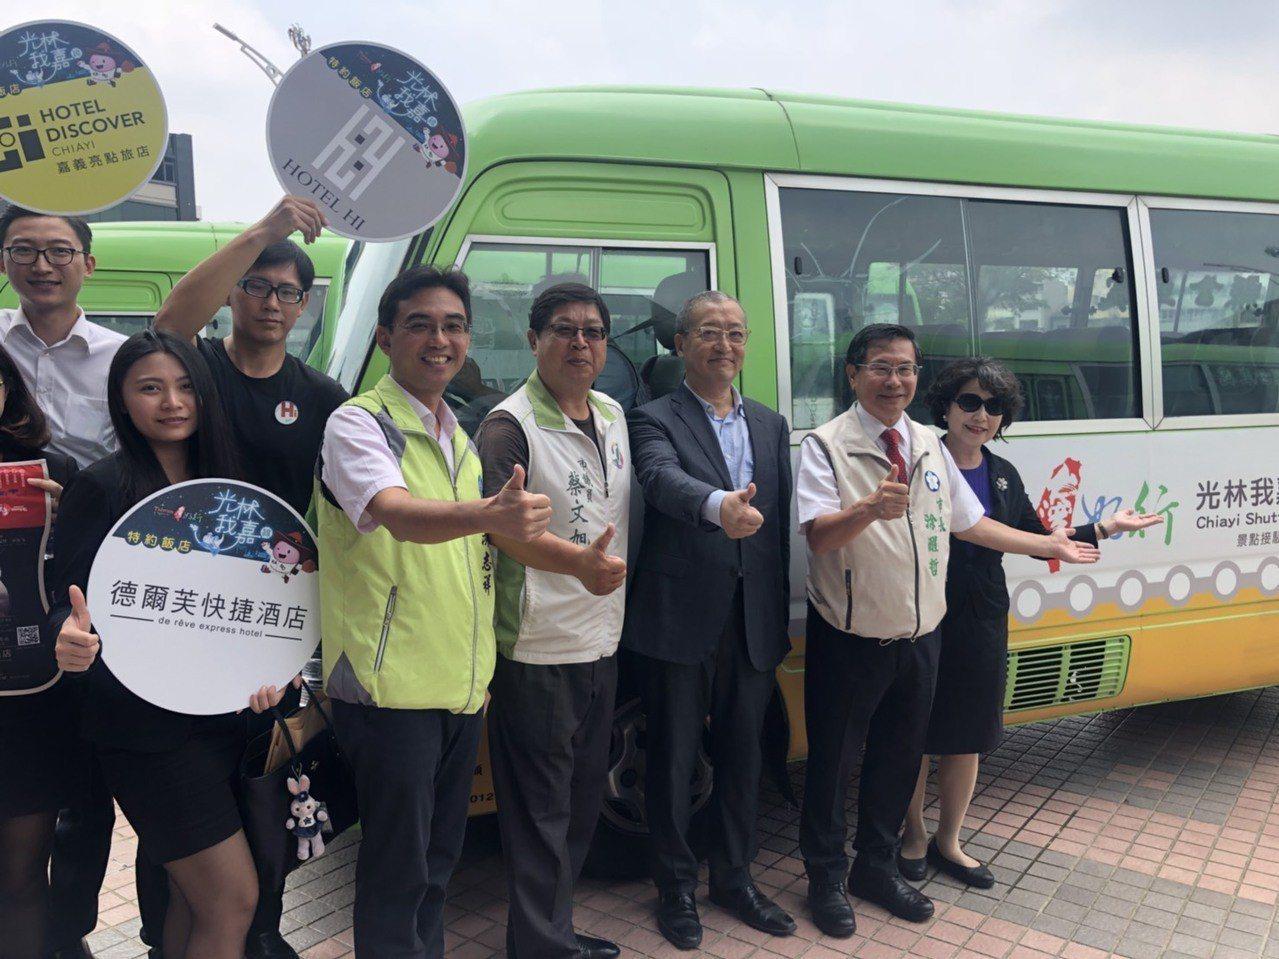 嘉義市台灣好行「光林我嘉線」觀光公車路線自8月8日起正式營運,自即日起至9月30...